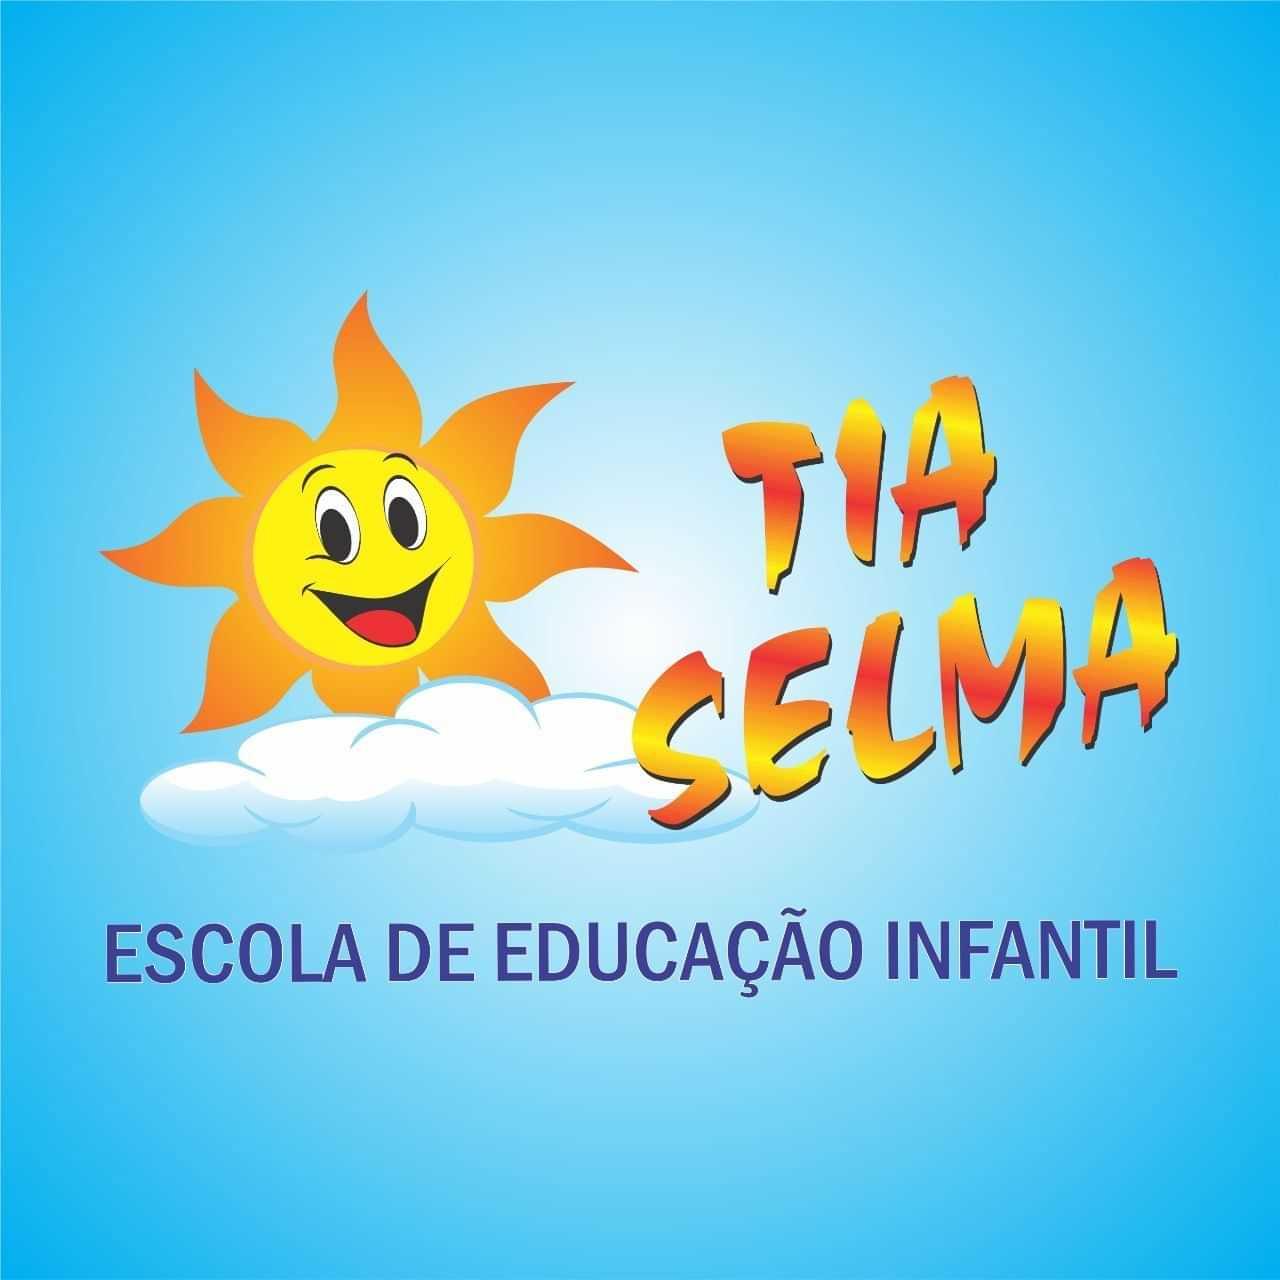 Escola de Educação Infantil Tia Selma